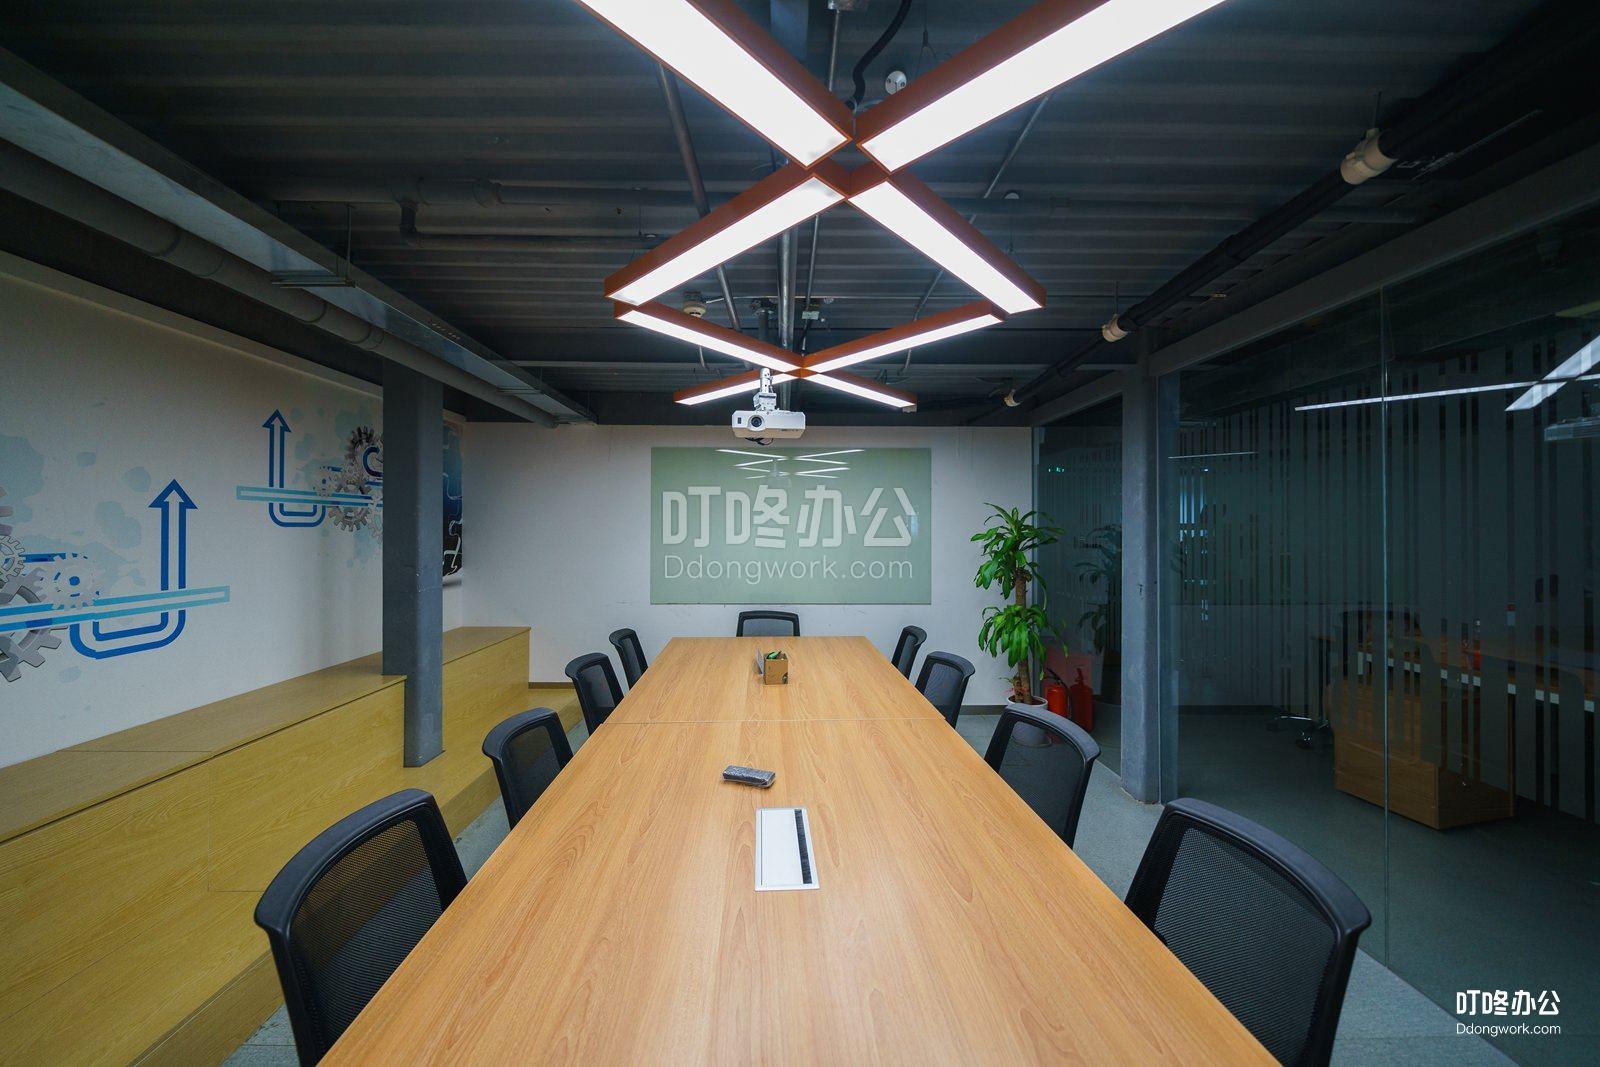 深圳海岸大厦•优客工场公共区域